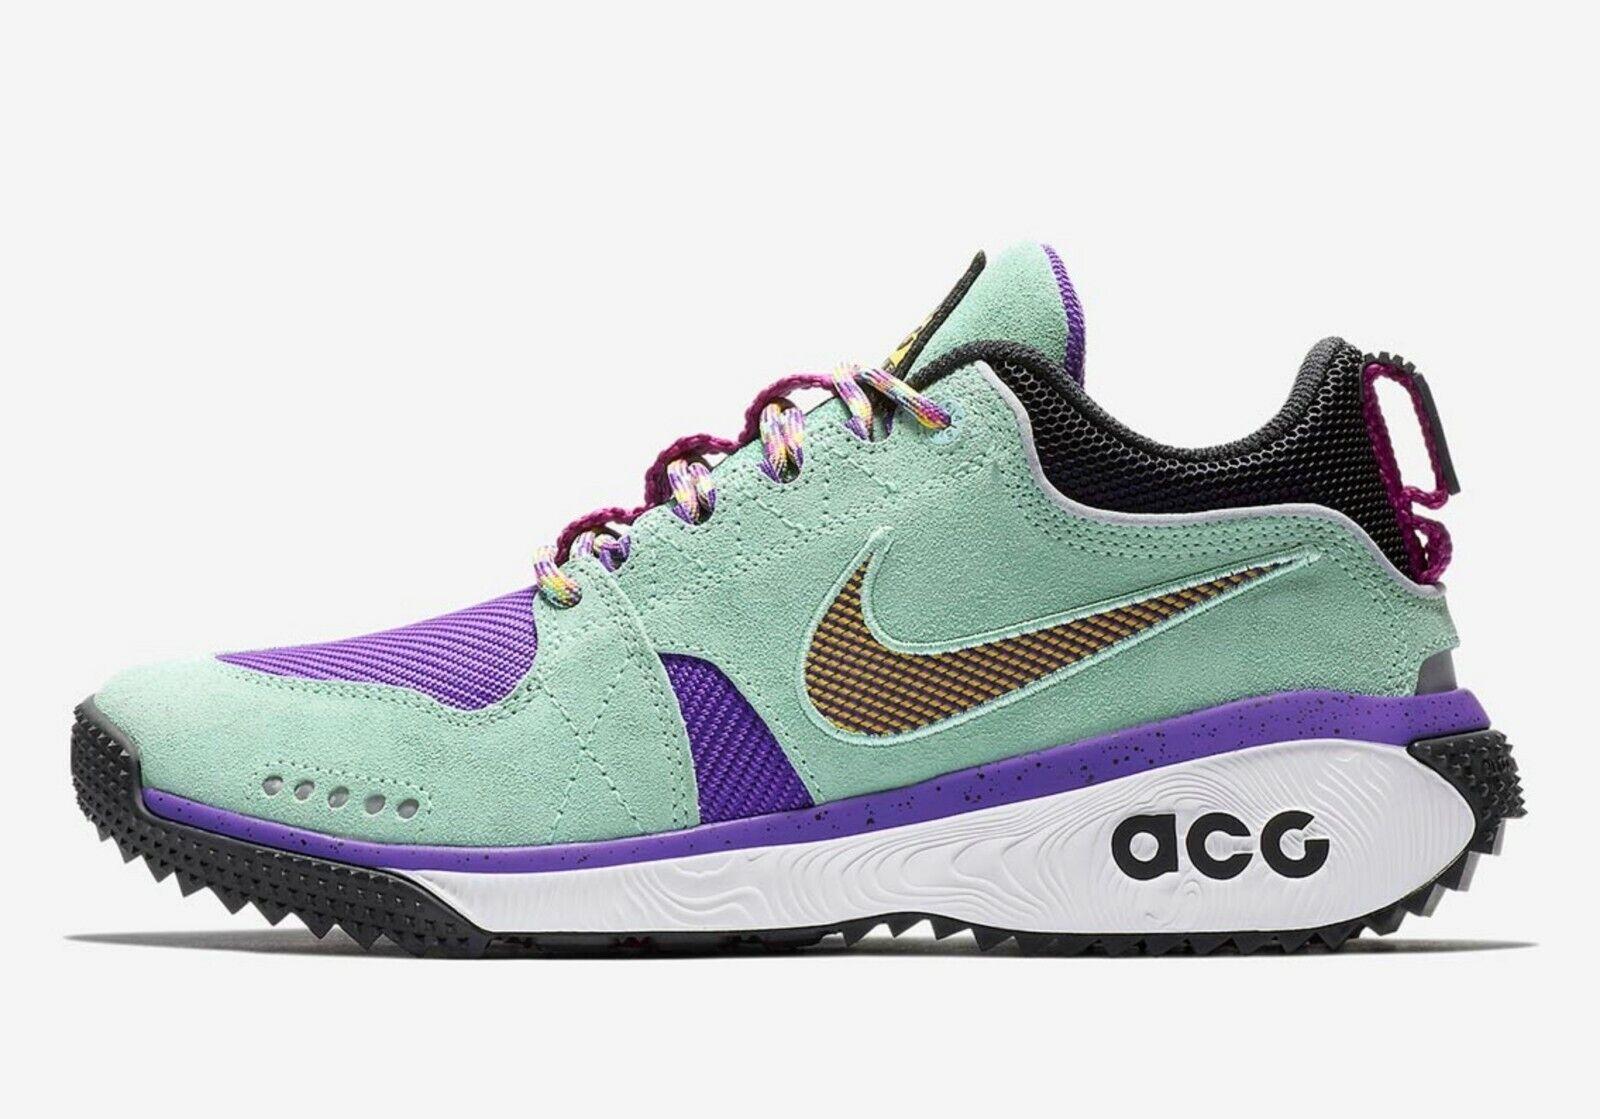 Nike ACG Dog Mountain Mens Size 9.5 WMNS Size 11 Hiking shoes AQ0916 300 GA 566